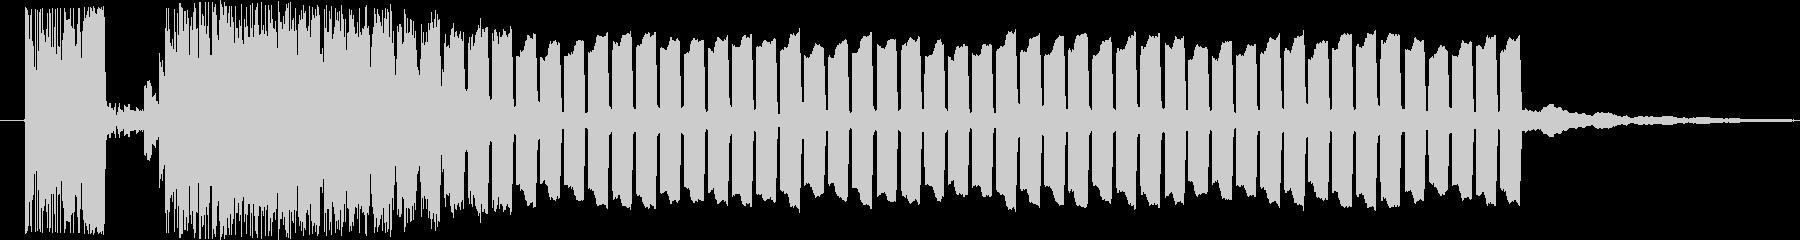 抽選スタート♪の未再生の波形